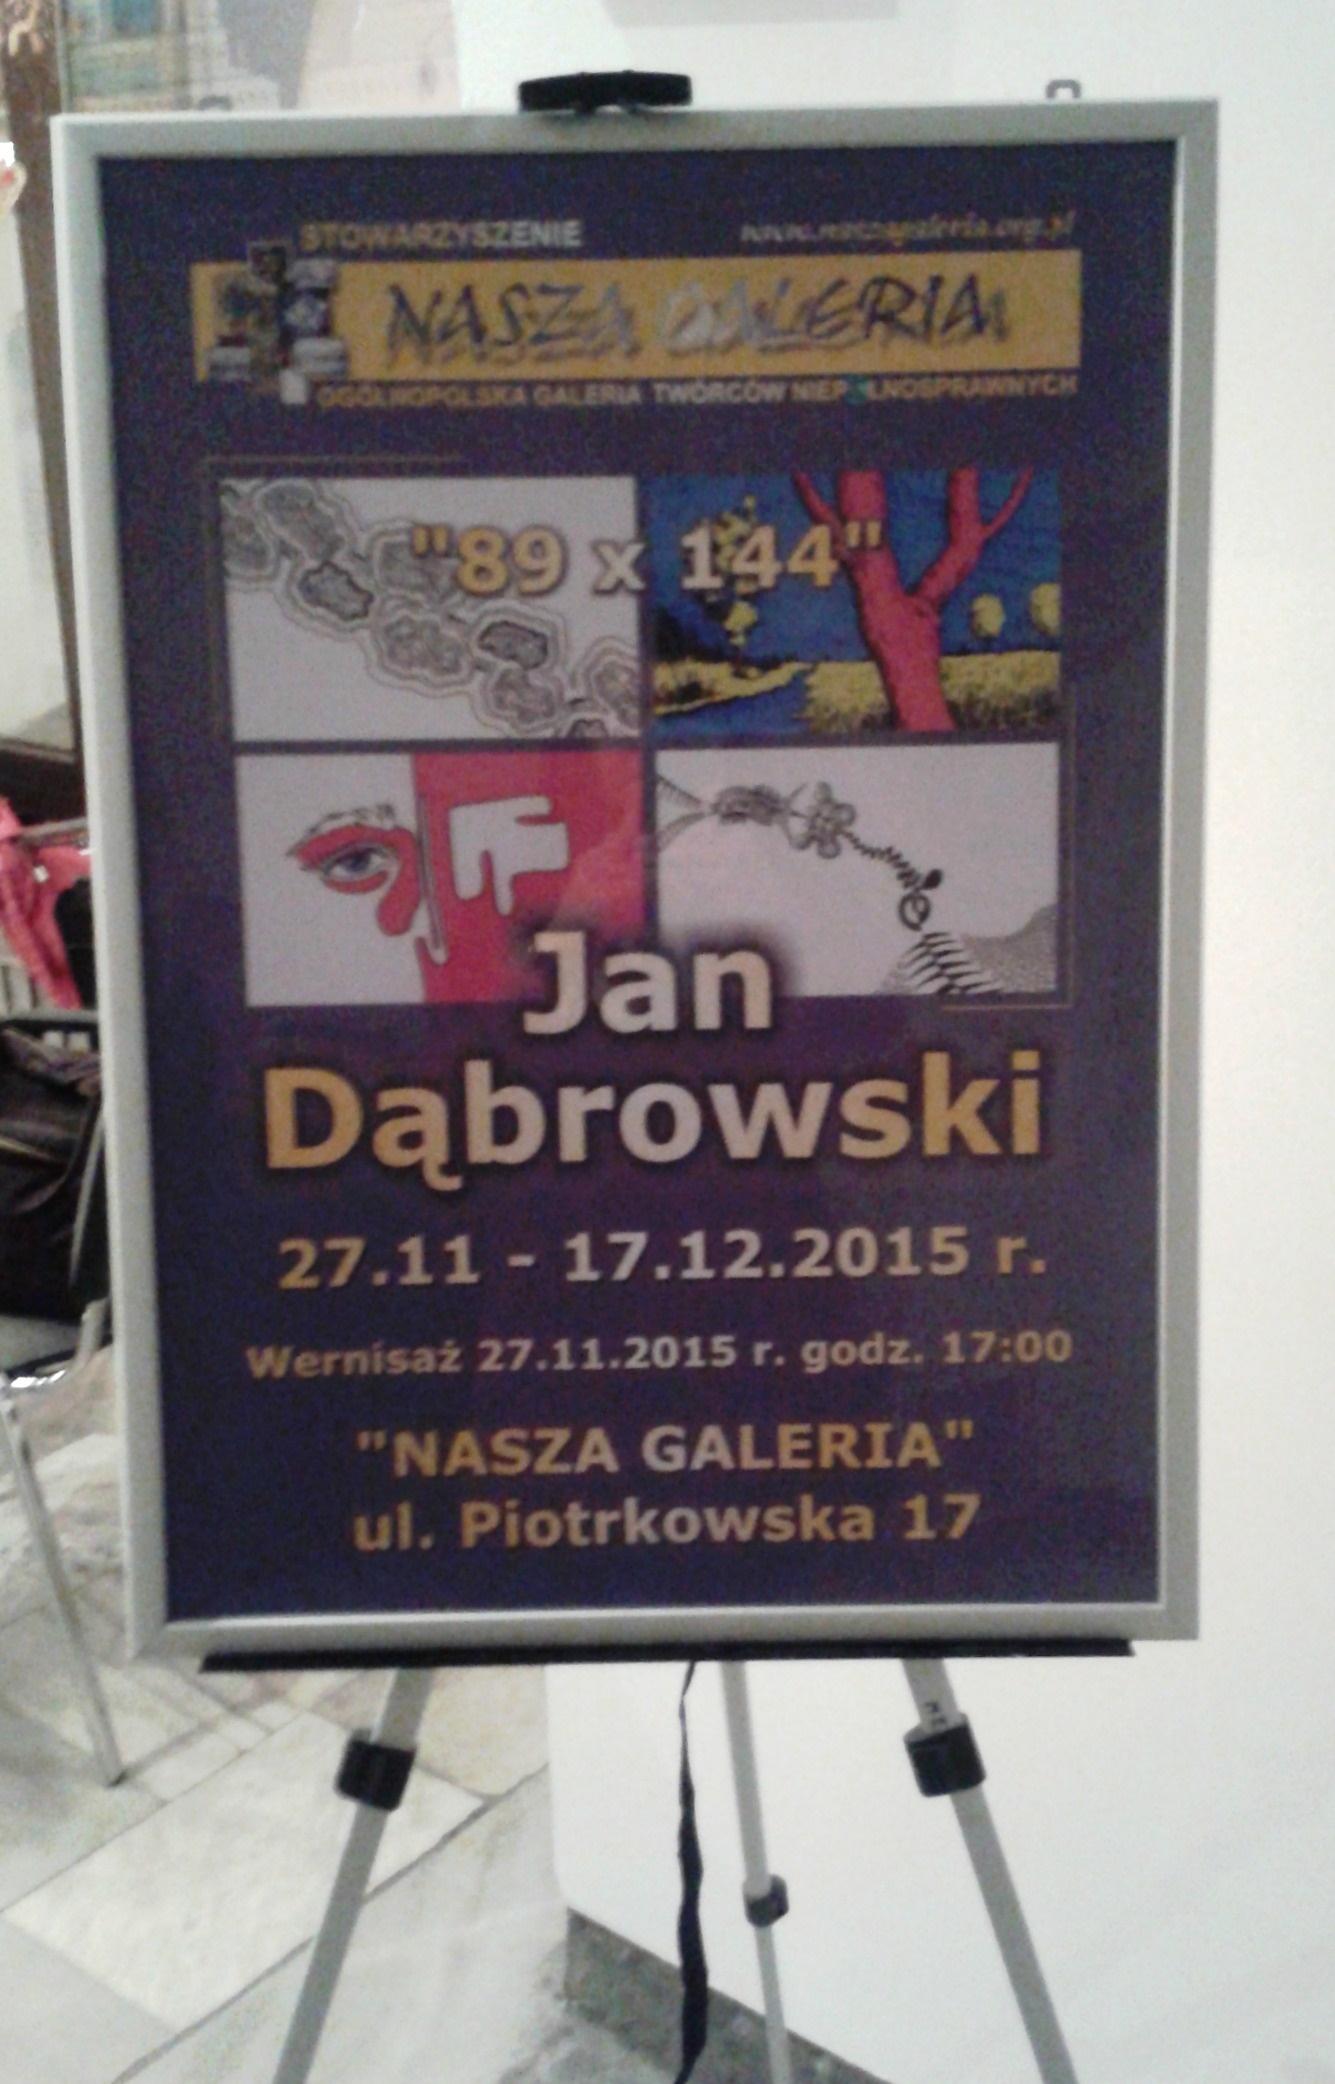 Wystawa prac Jana Dąbrowskiego w Naszej Galerii